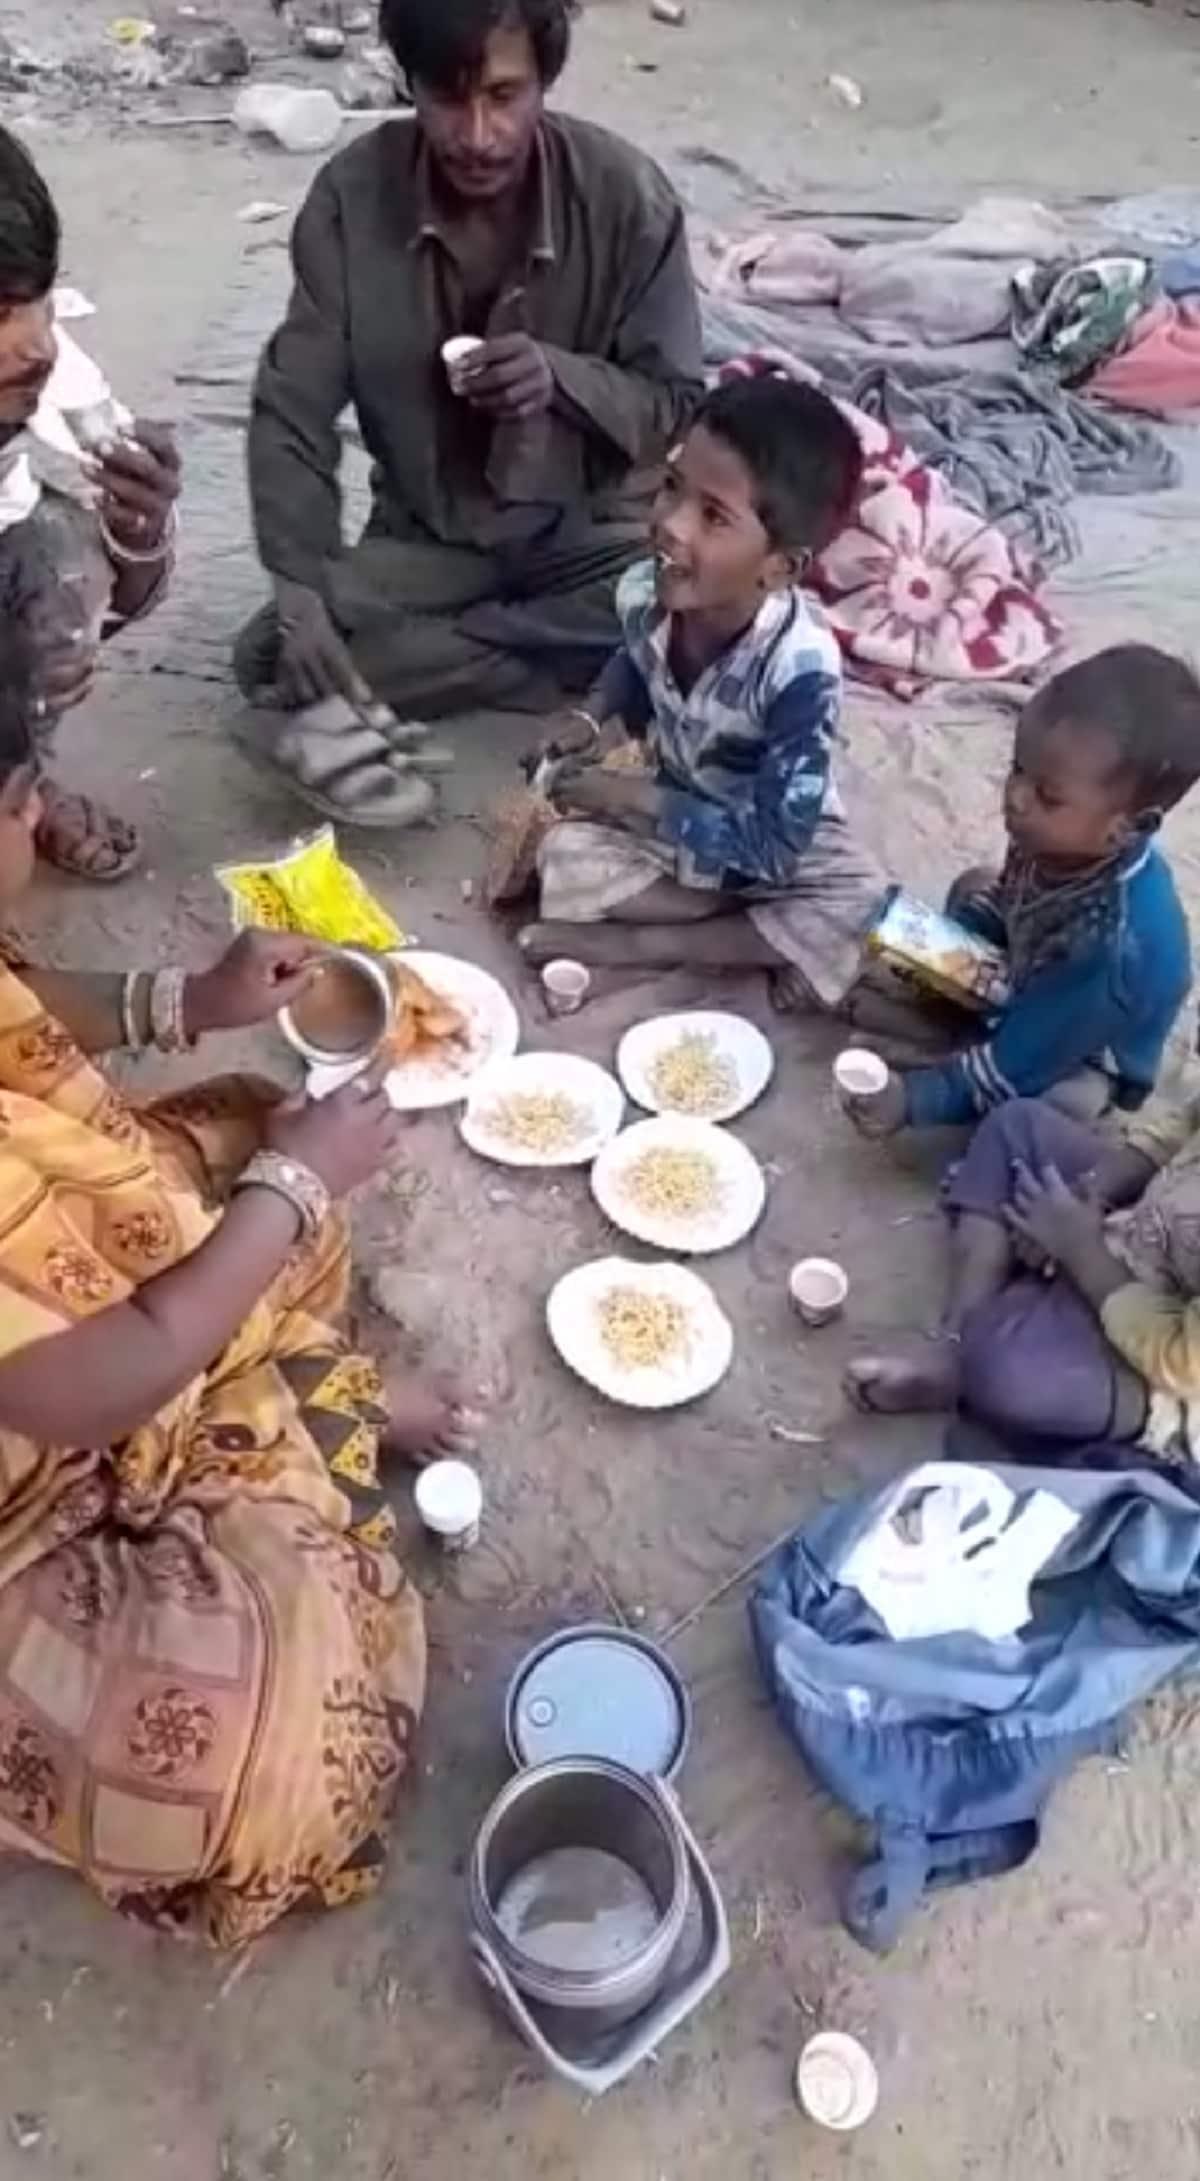 તેઓ કહે છે કે, ગરીબોને પડતી મુશ્કેલી તેઓએ ખૂબ નજીકથી જોઈ અને અનુભવી છે. એટલે જ્યારે પણ કોઈ ગરીબ અને ભૂખ્યા લોકોને જોઉં છું એટલે તેને મદદ કરવાની પ્રેરણા આપોઆપ મળે છે.